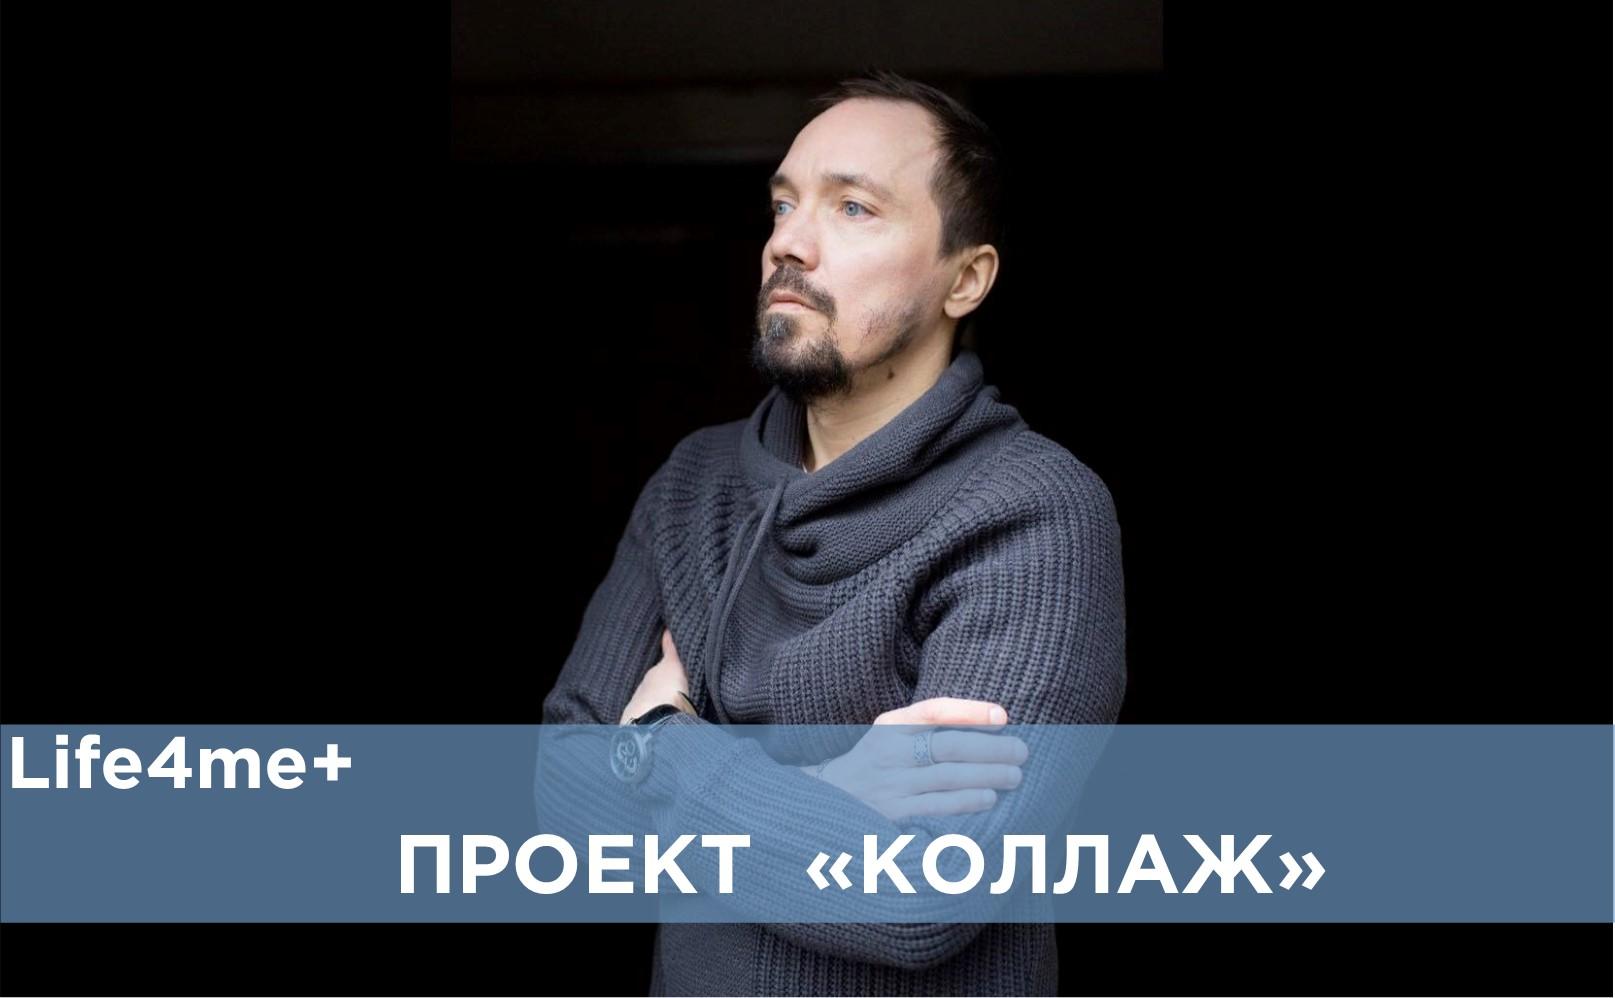 """Коллаж: """"Моя жизнь - не фруктовый кефир"""", - Денис Куракин - изображение 1"""